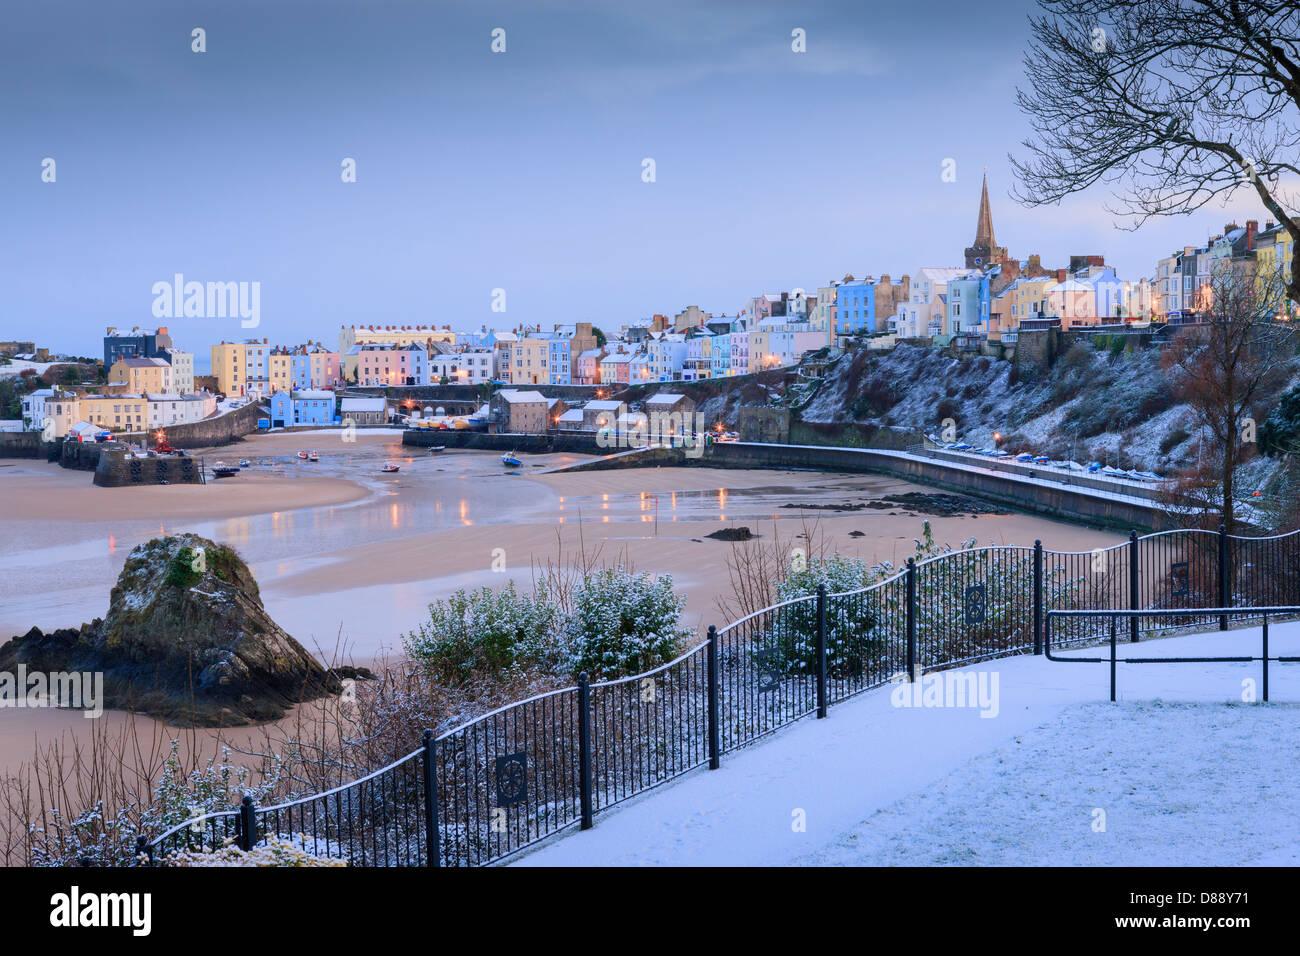 Nieve en invierno) tenby harbour) tenby Gales pembrokeshire en penumbra Imagen De Stock